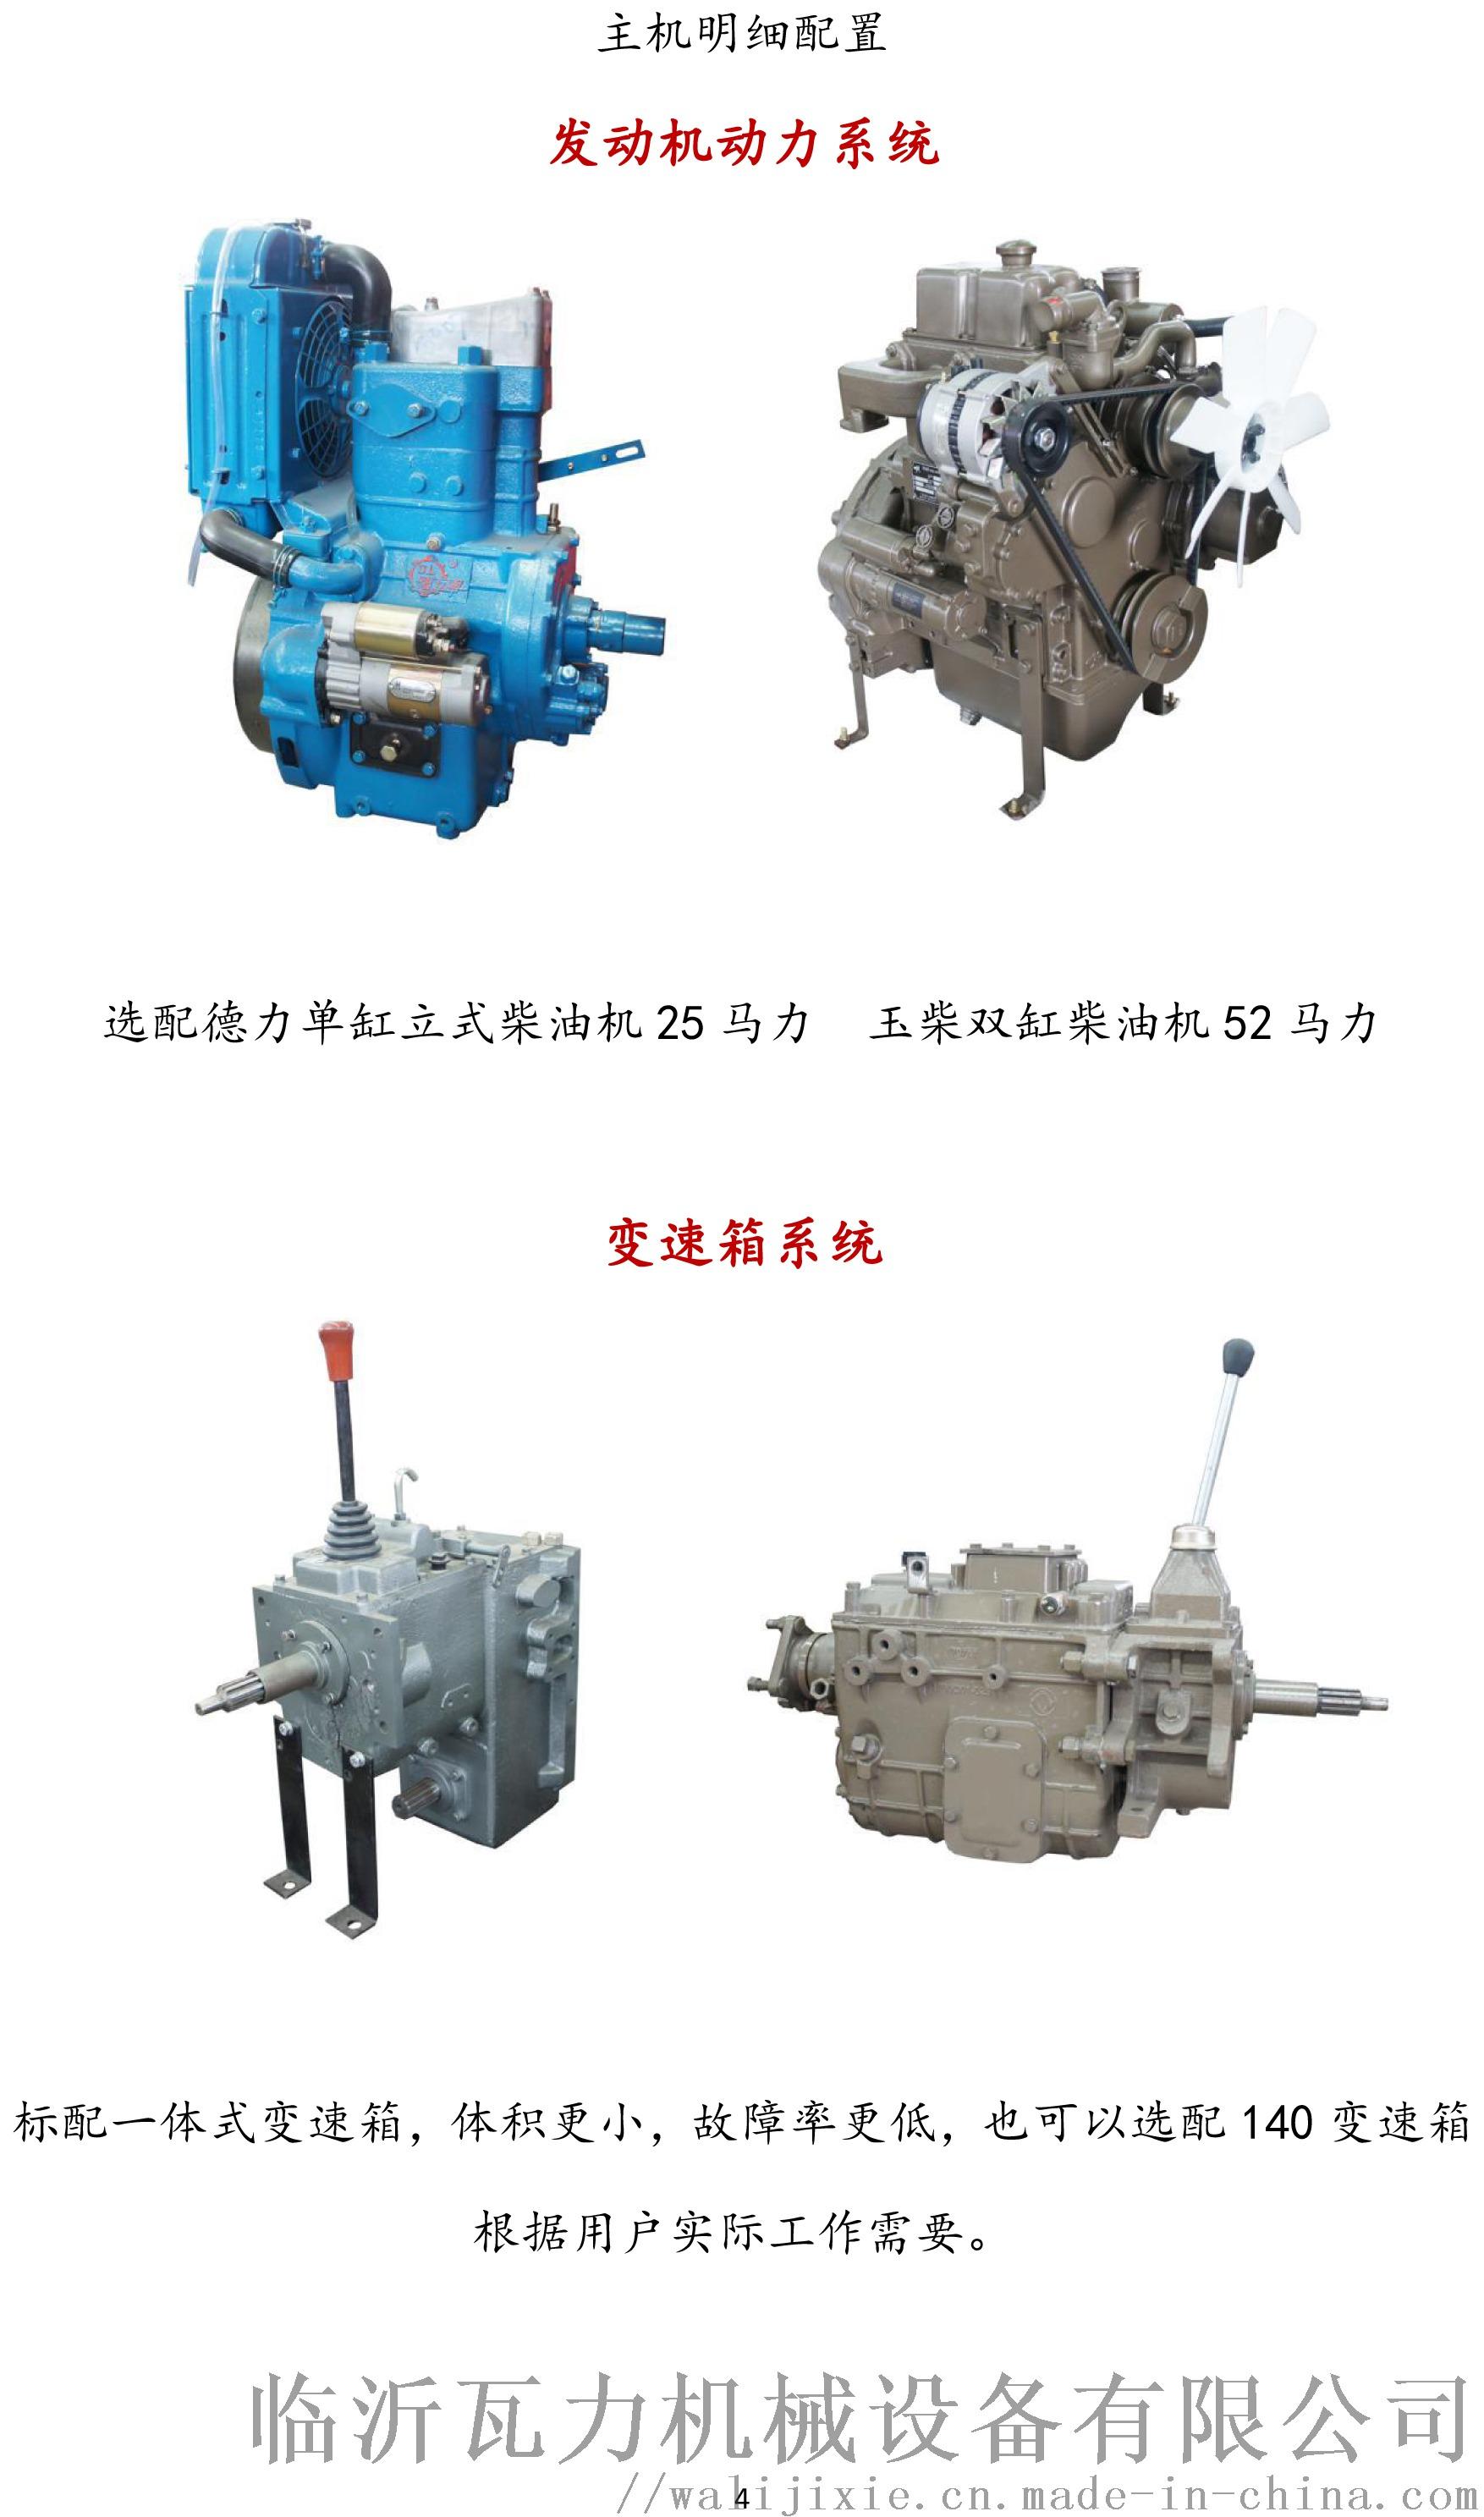 WNJ-254-4 (1).jpg